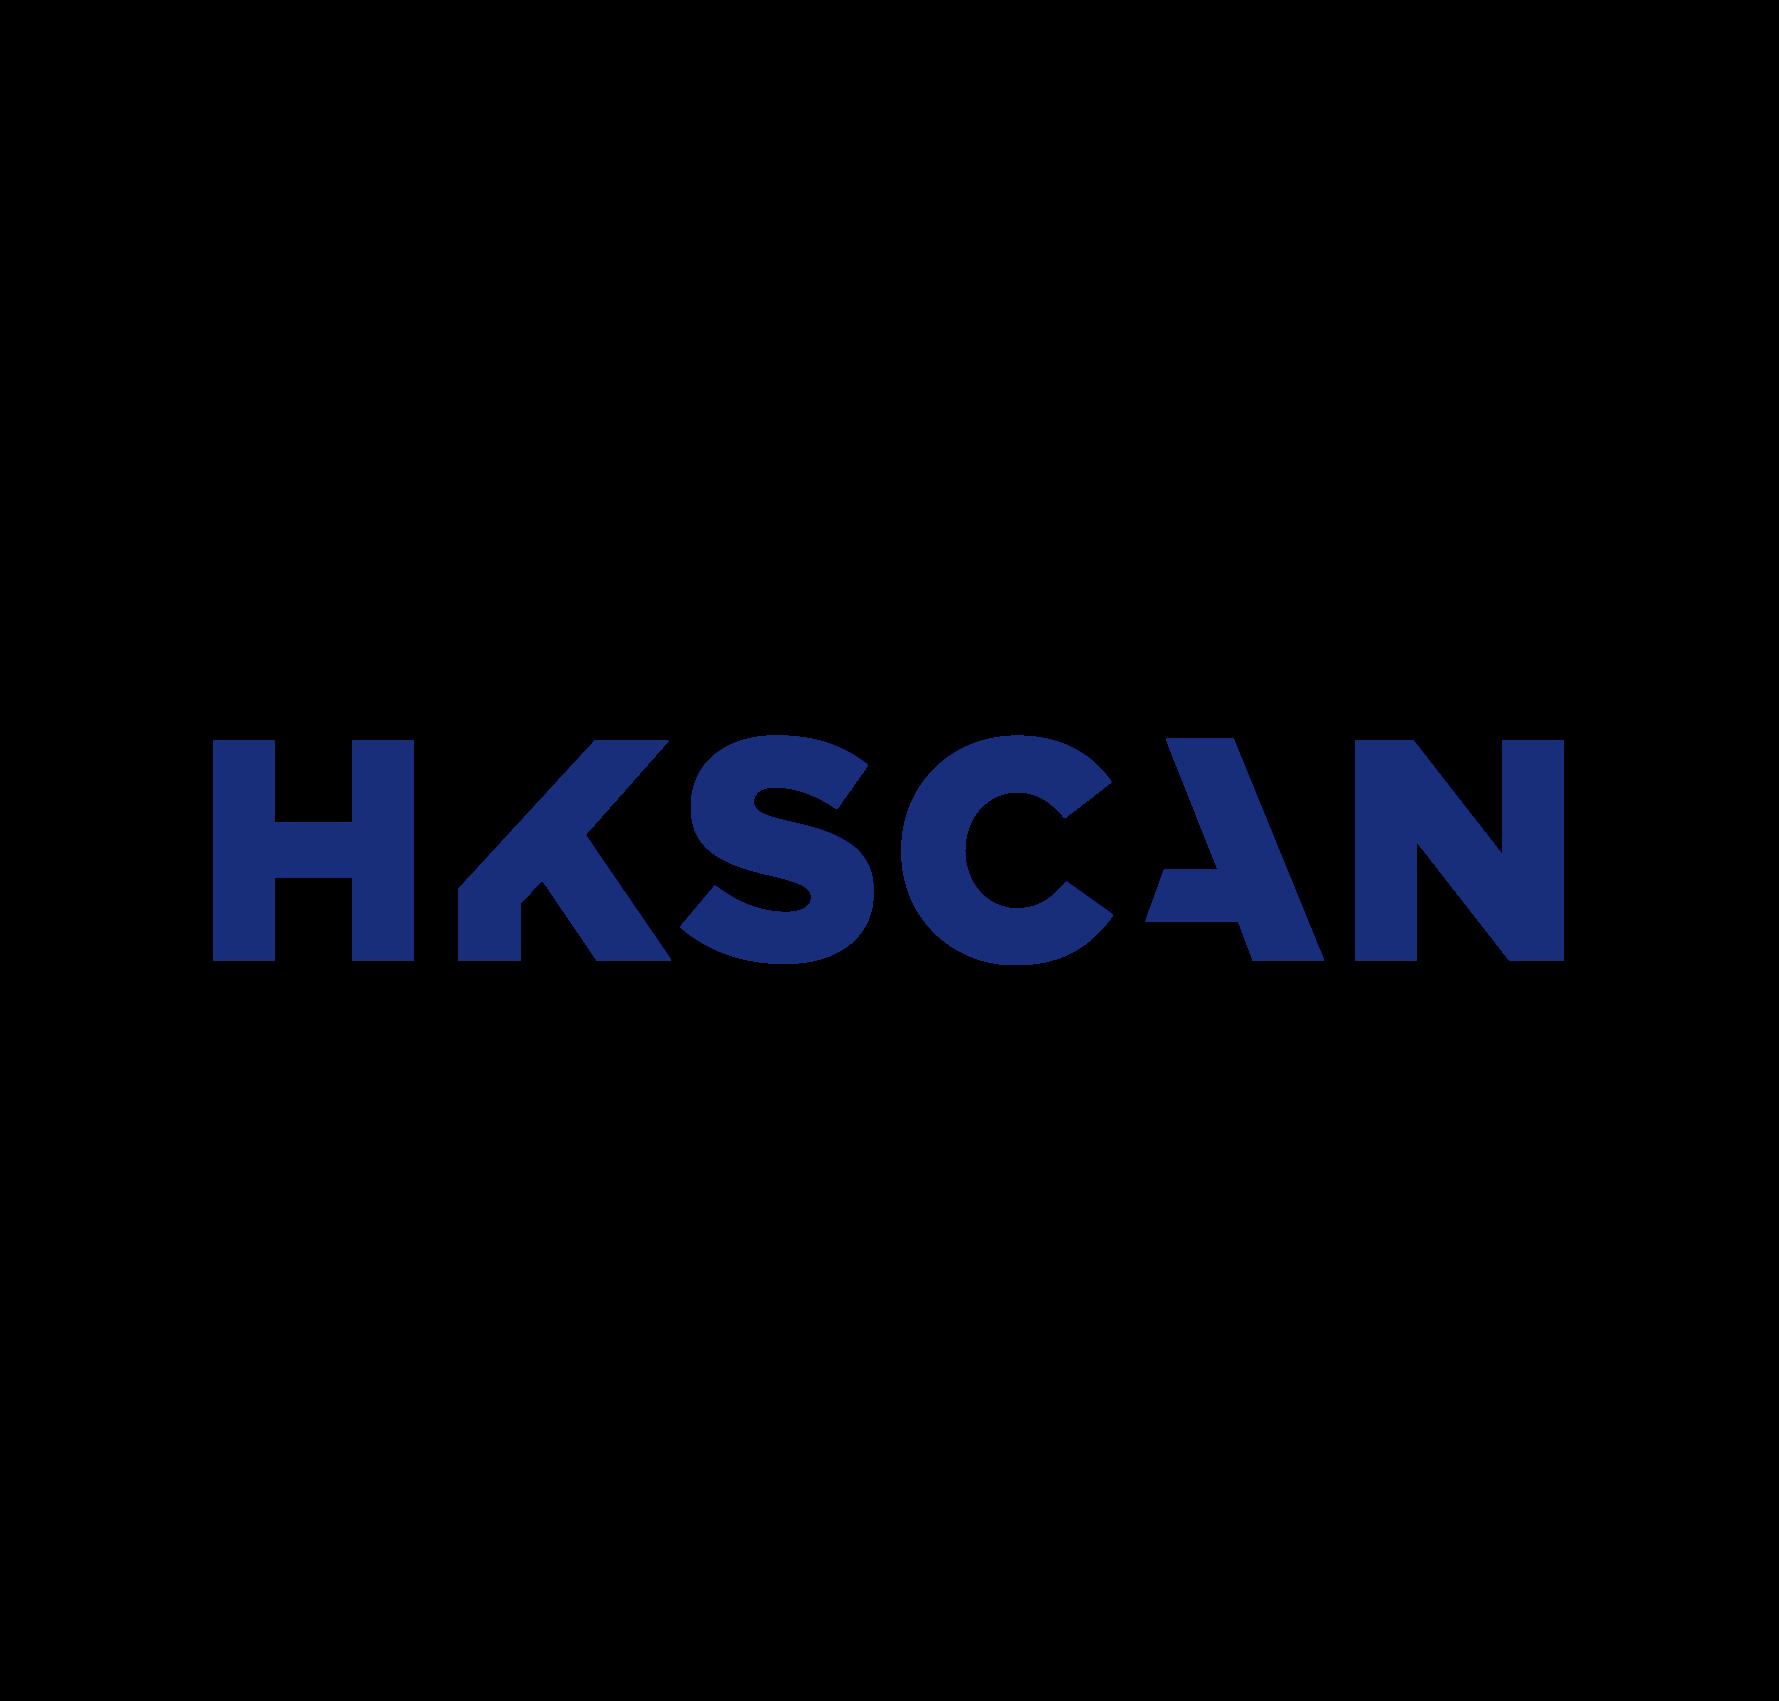 hkscan ikon